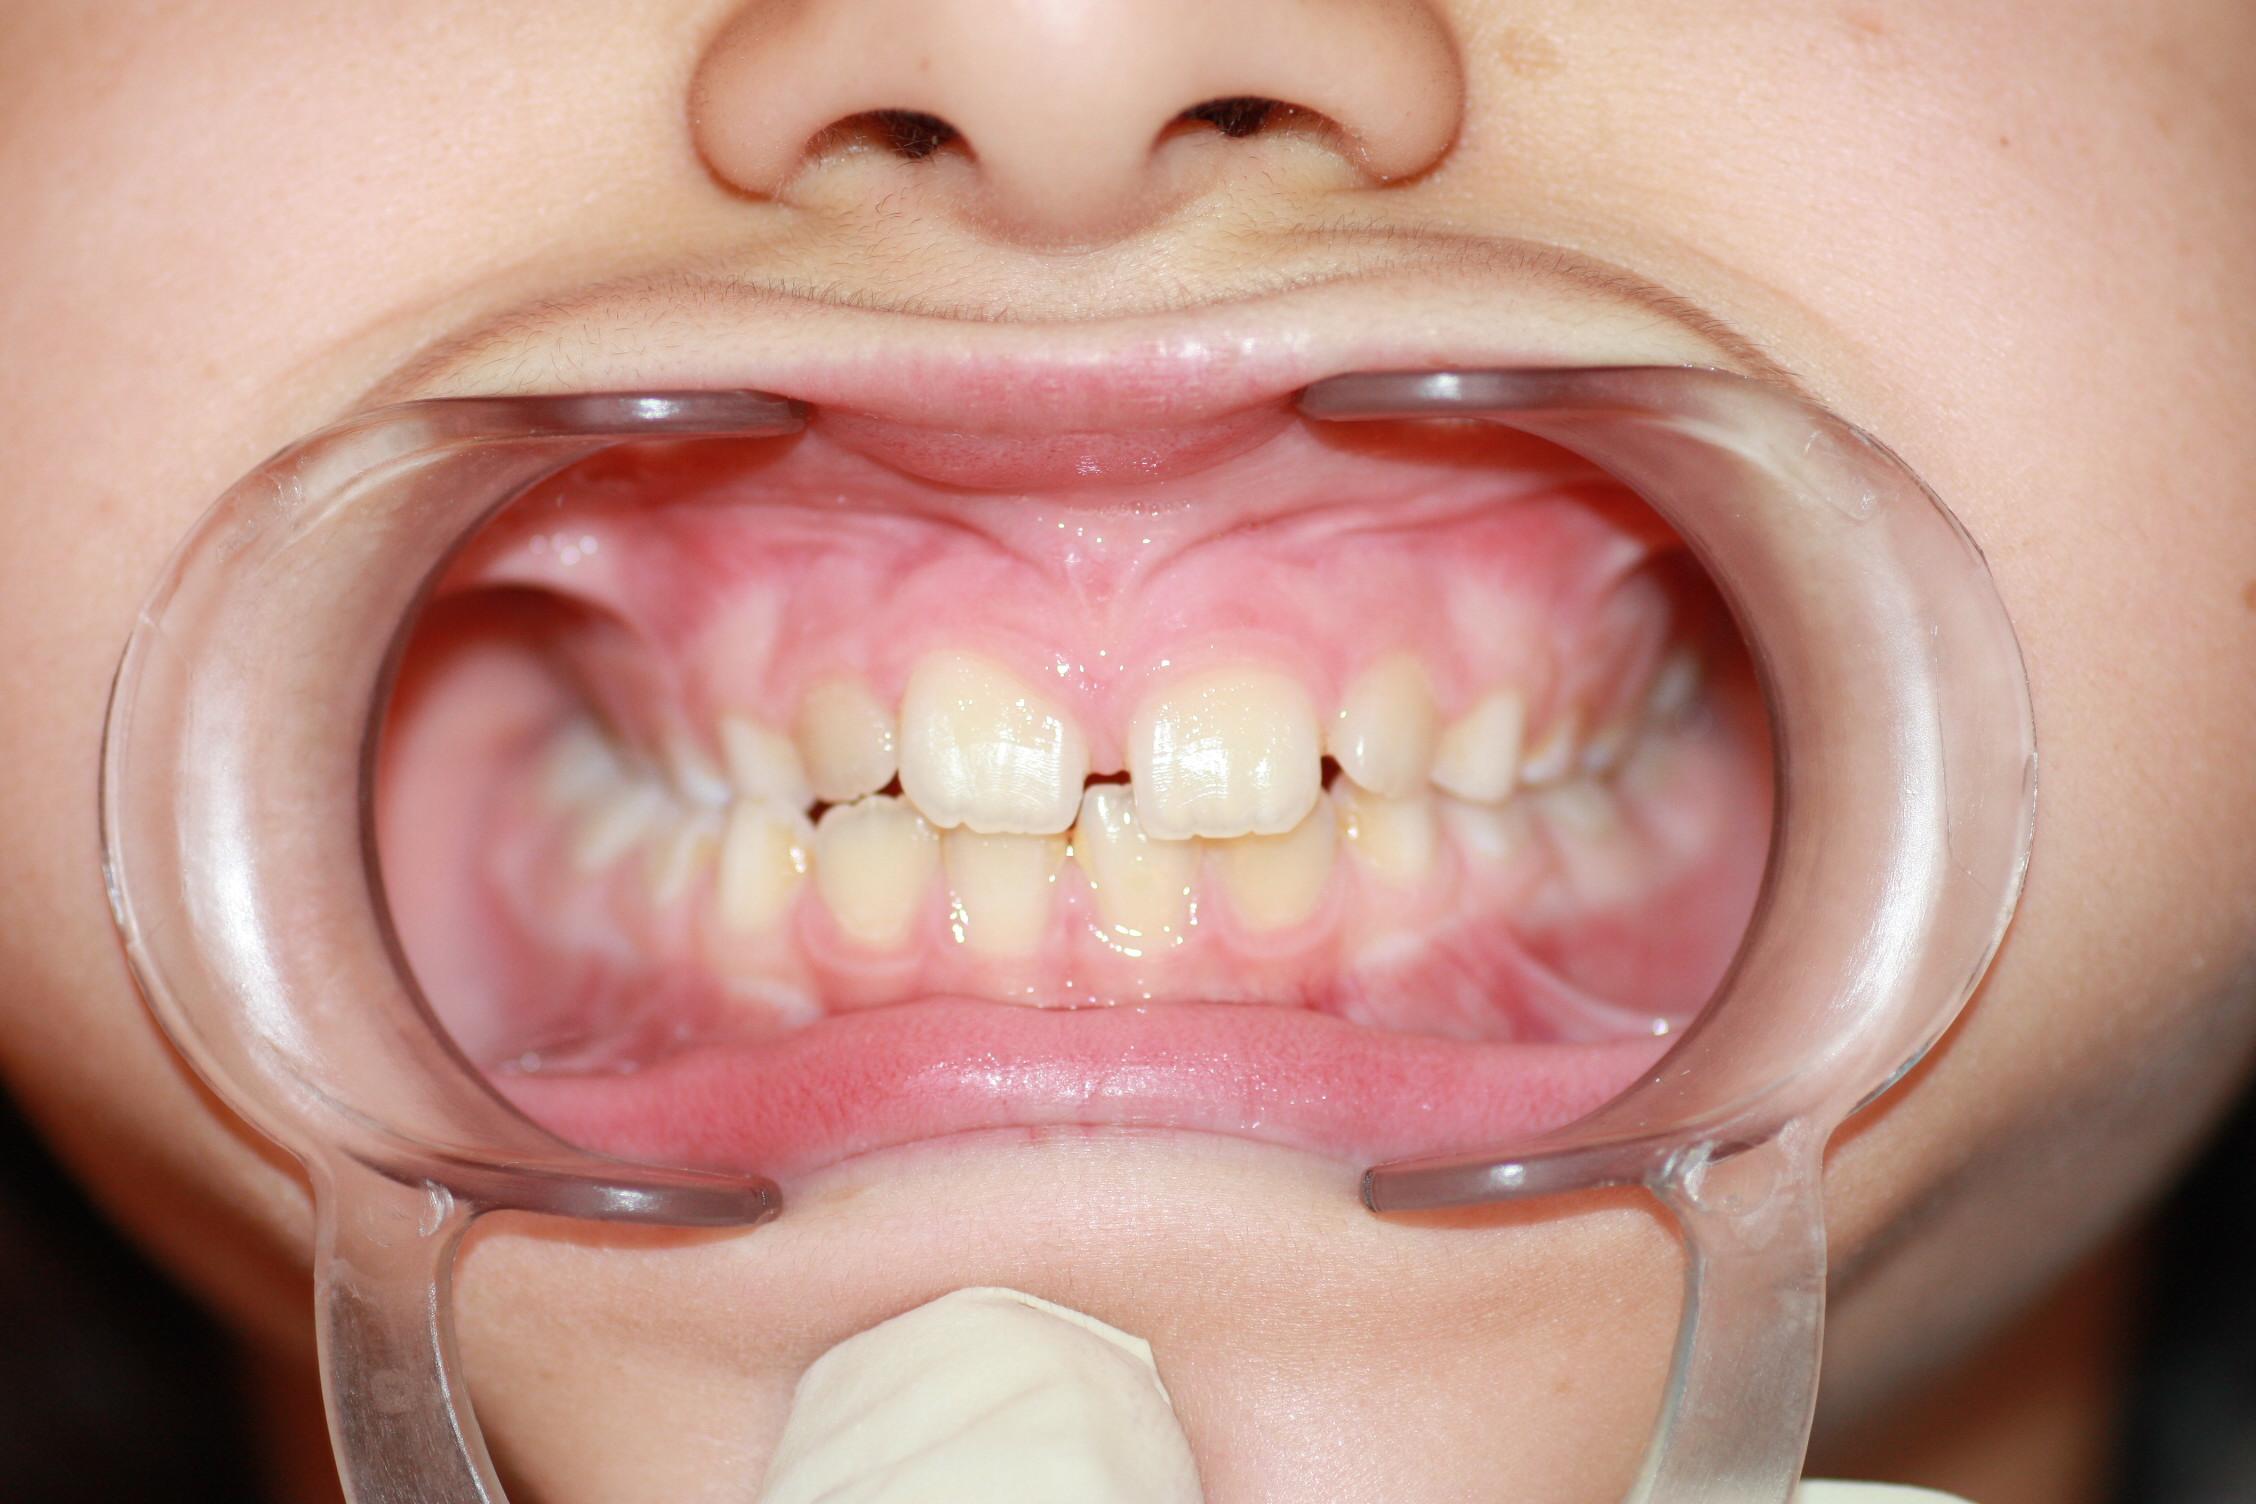 Obsérvese como en el lado izquierdo de la imagen los dientes superiores muerden 'por dentro' de los inferiores